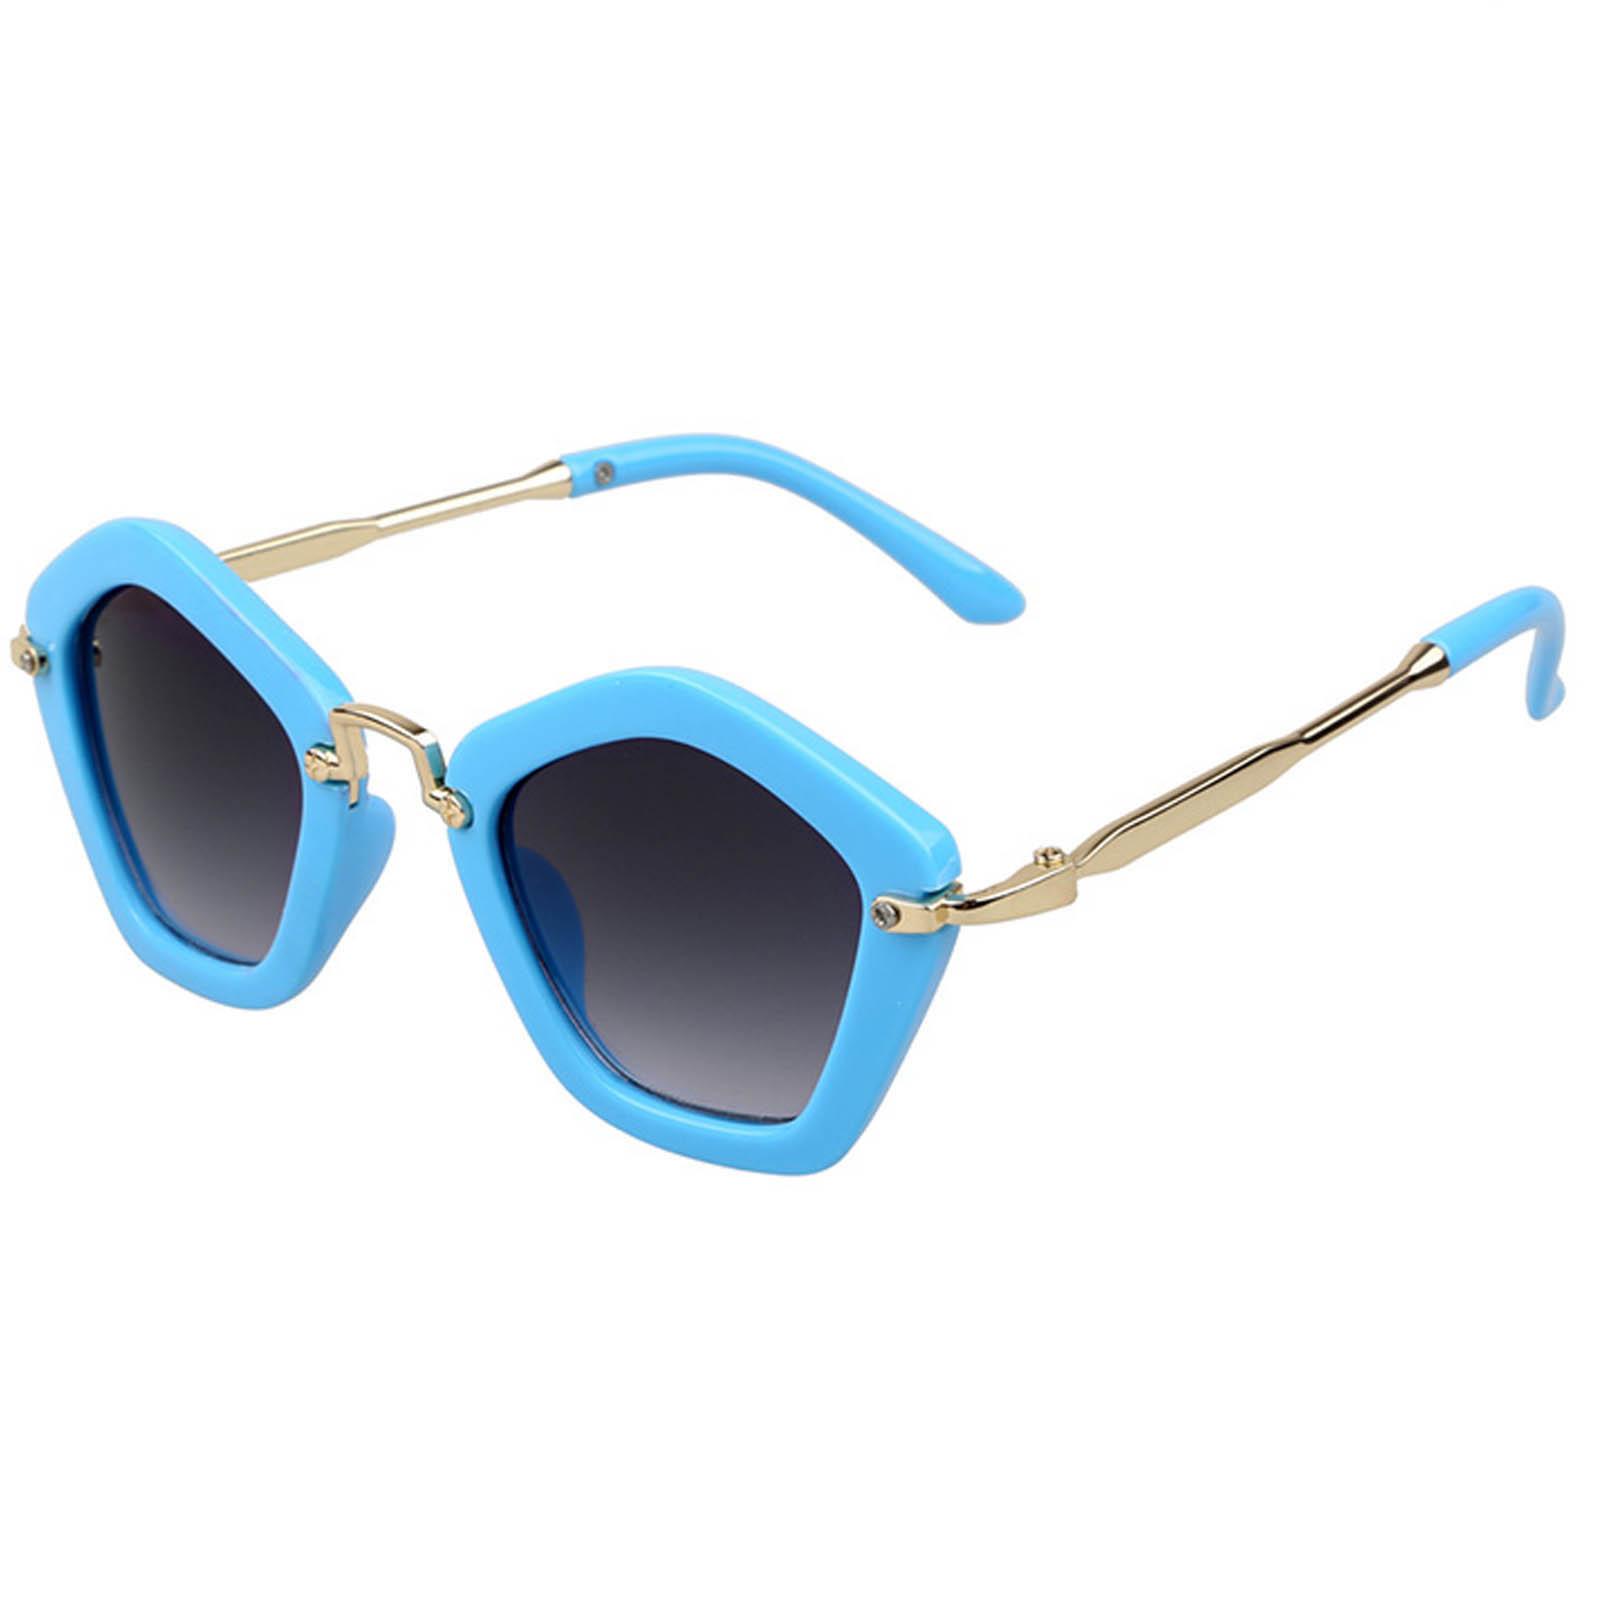 OWL ® 044 C4 Round Pentagon Eyewear Sunglasses Women's Men's Metal Blue Frame Smoke Lens One Pair